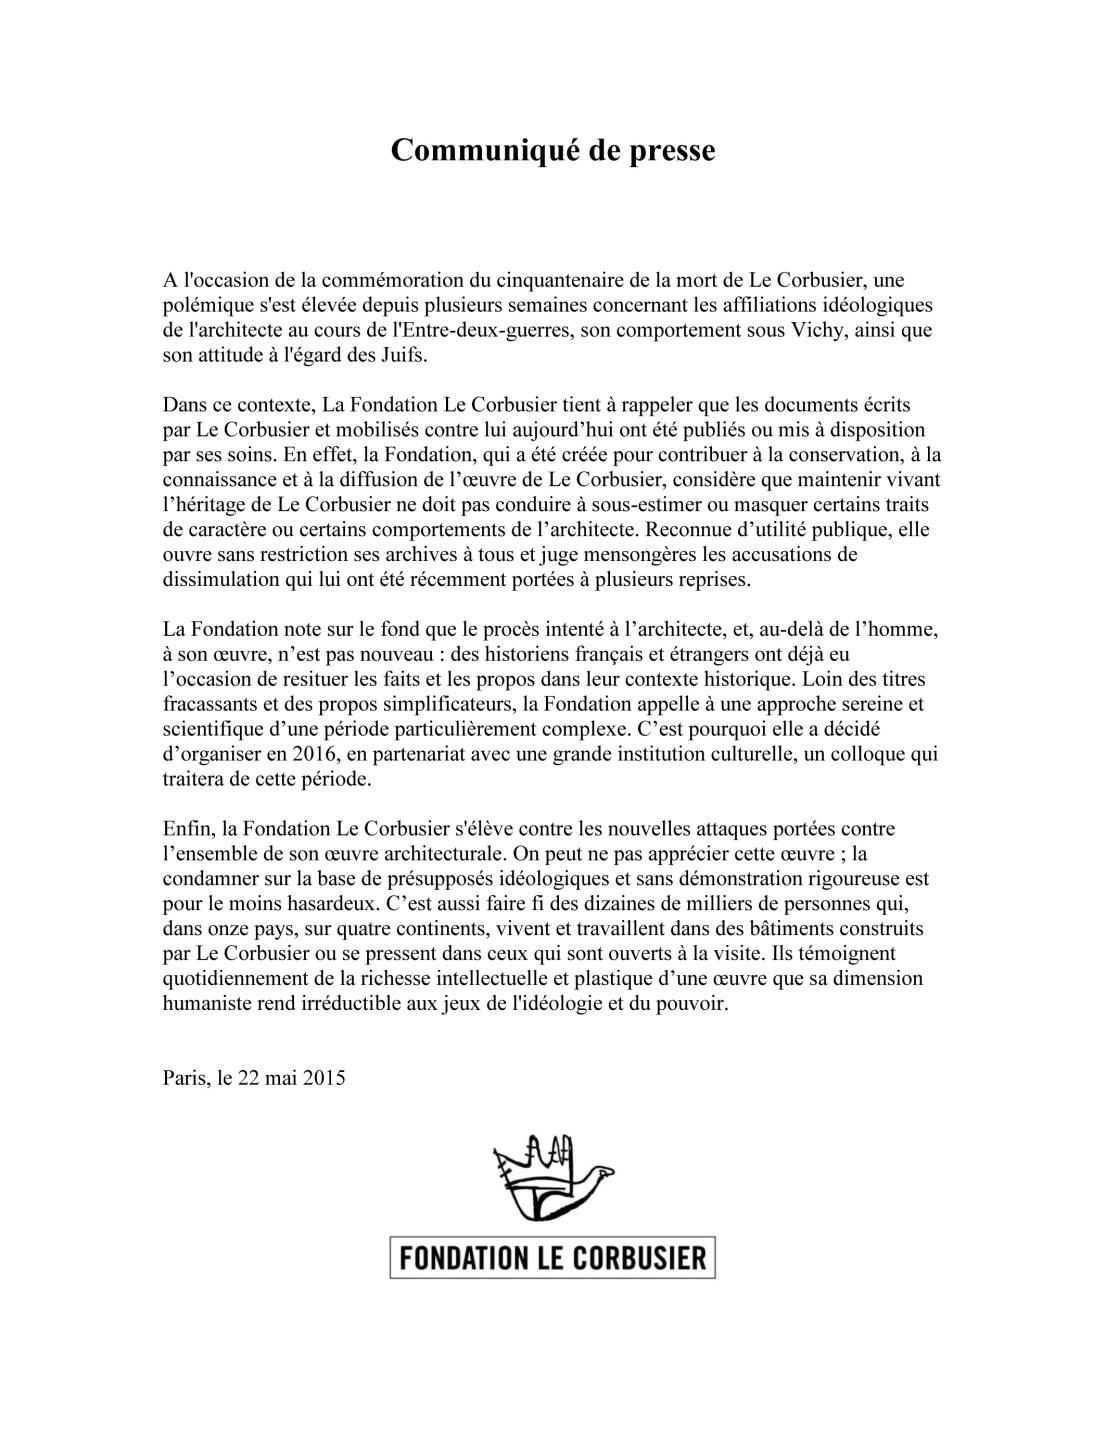 Fondation Le Corbusier_Communiqué de presse_Mai2015 copie